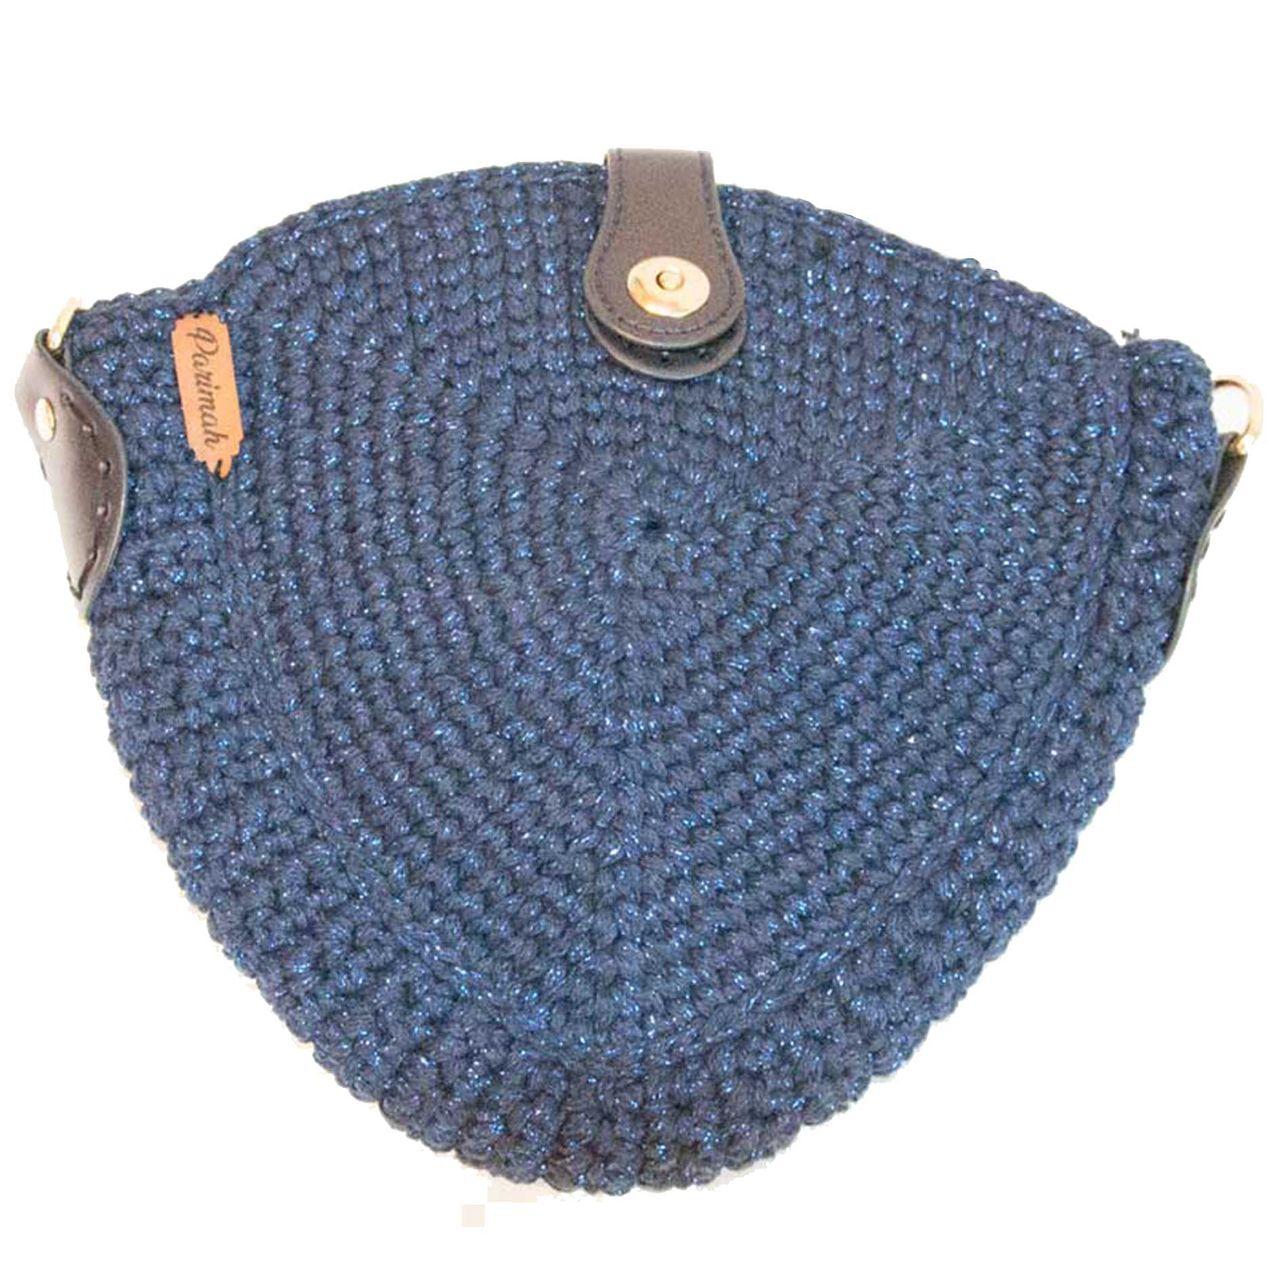 کیف بافتنی پریماه مدل مثلثی کد B20